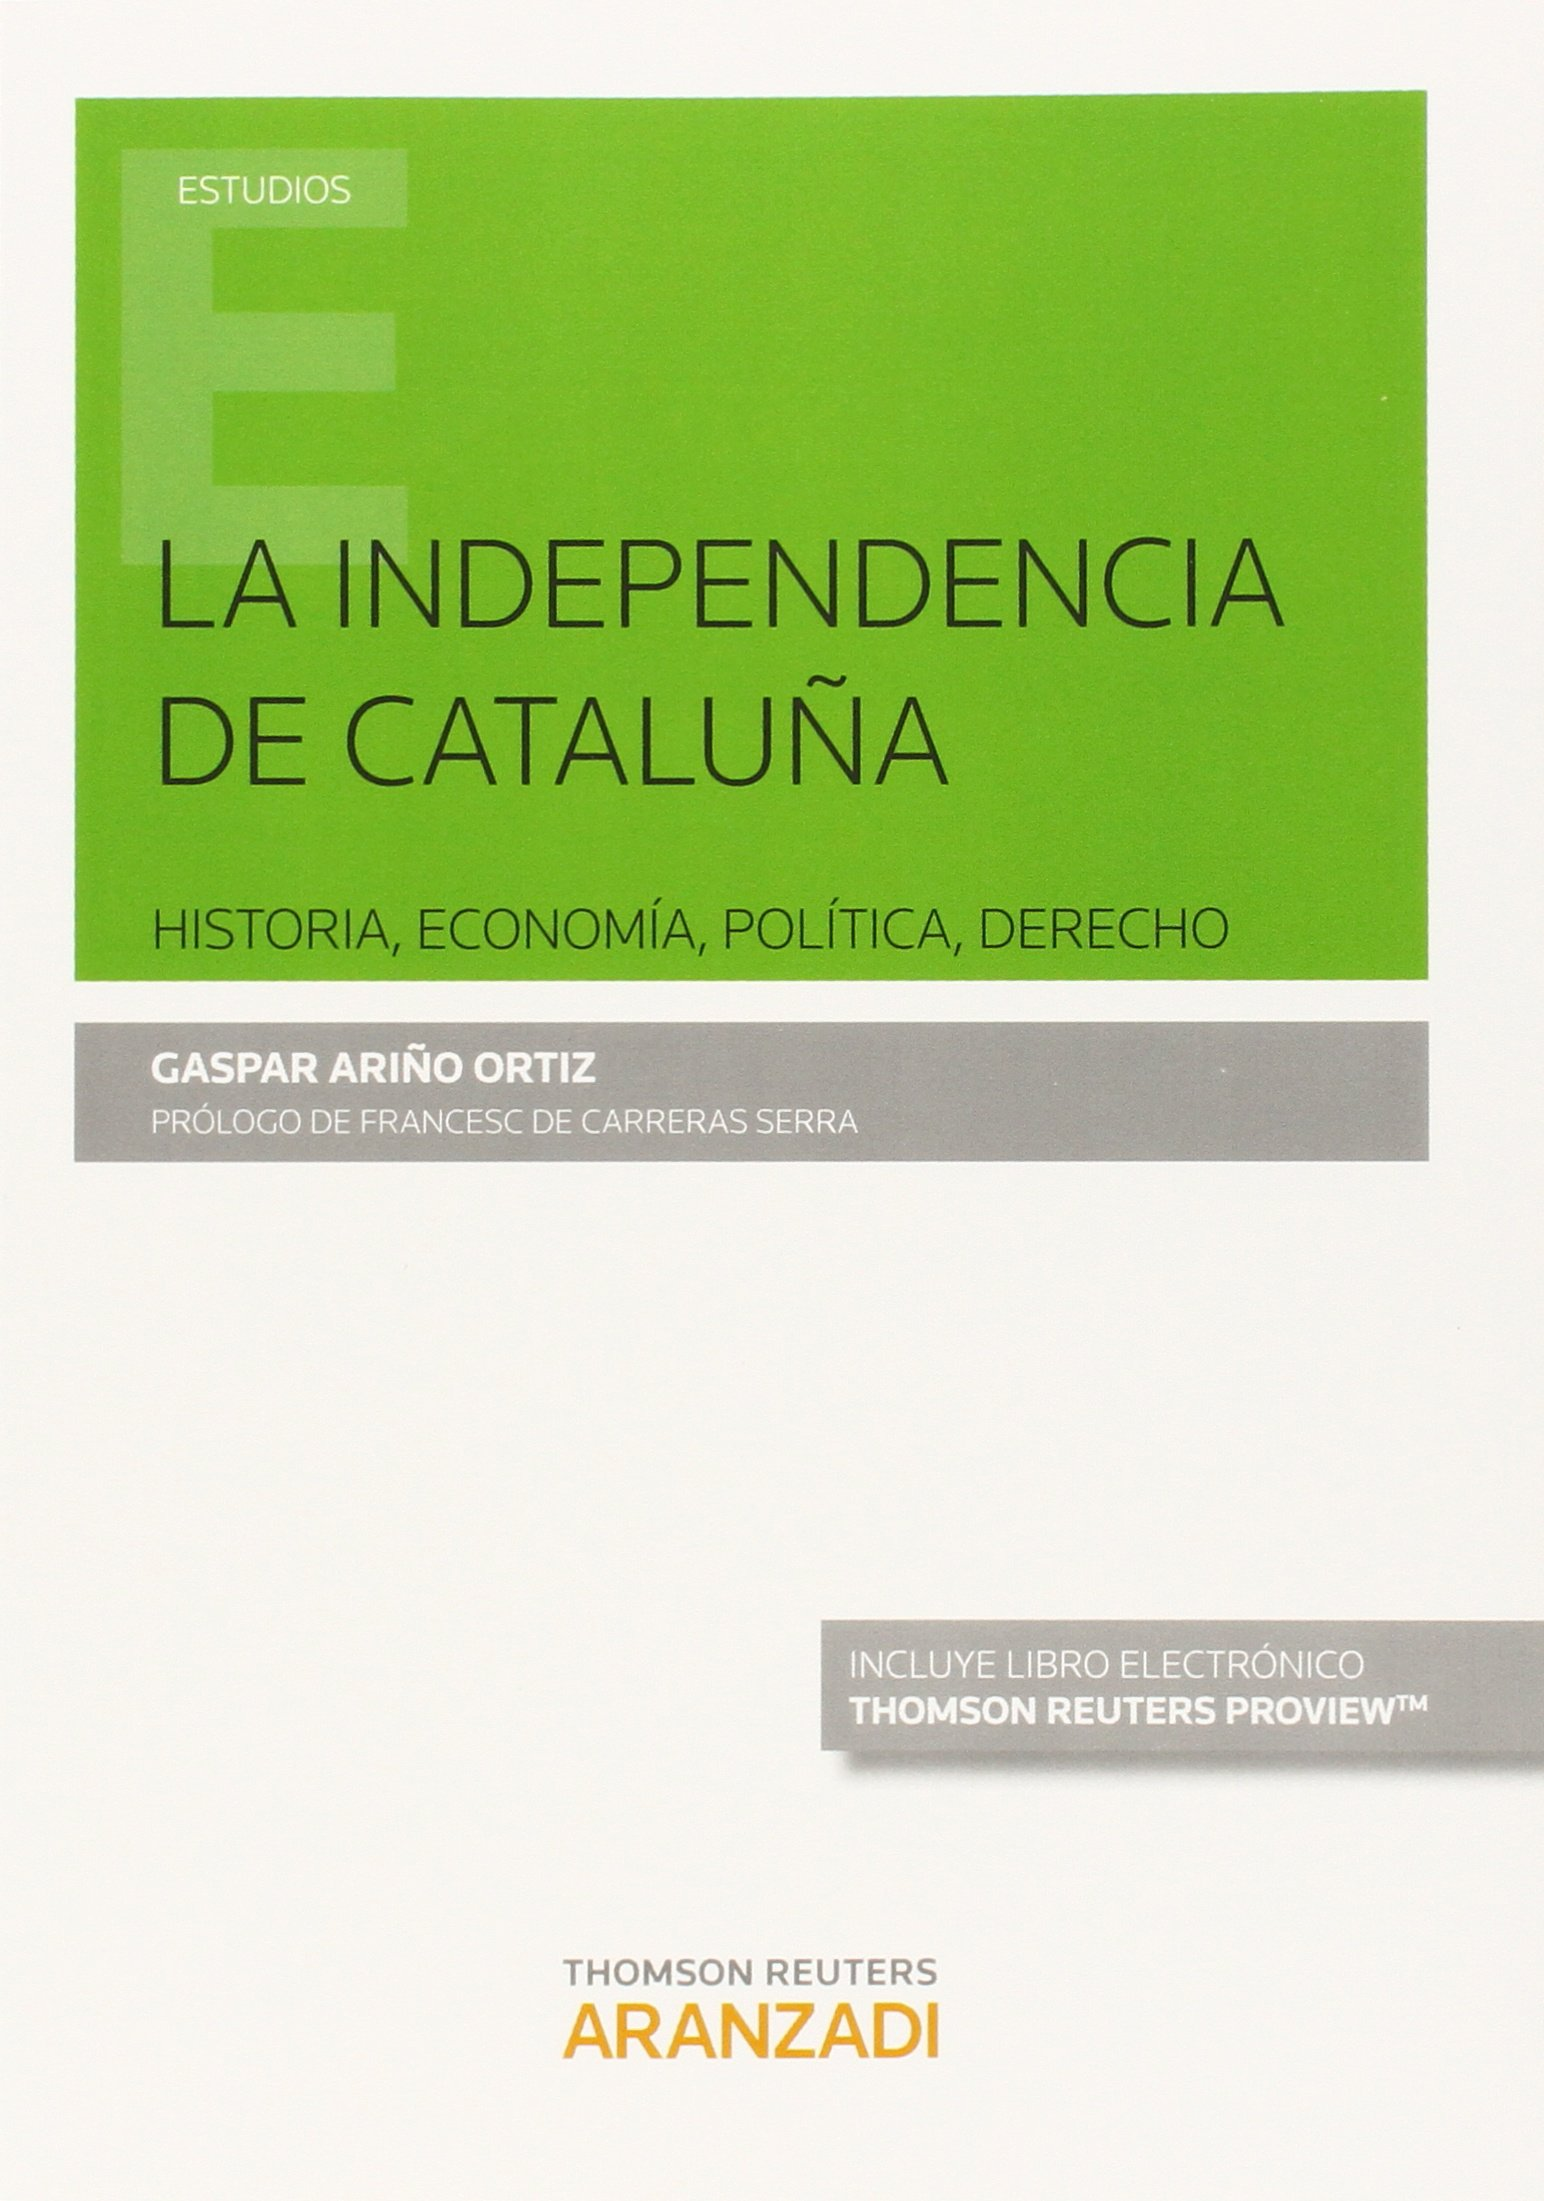 Independencia de Cataluña, La (Spagnolo) Copertina flessibile – 30 apr 2015 Gaspar Ariño Ortiz Editorial Aranzadi 8490982236 TEORÍA GENERAL DEL DERECHO